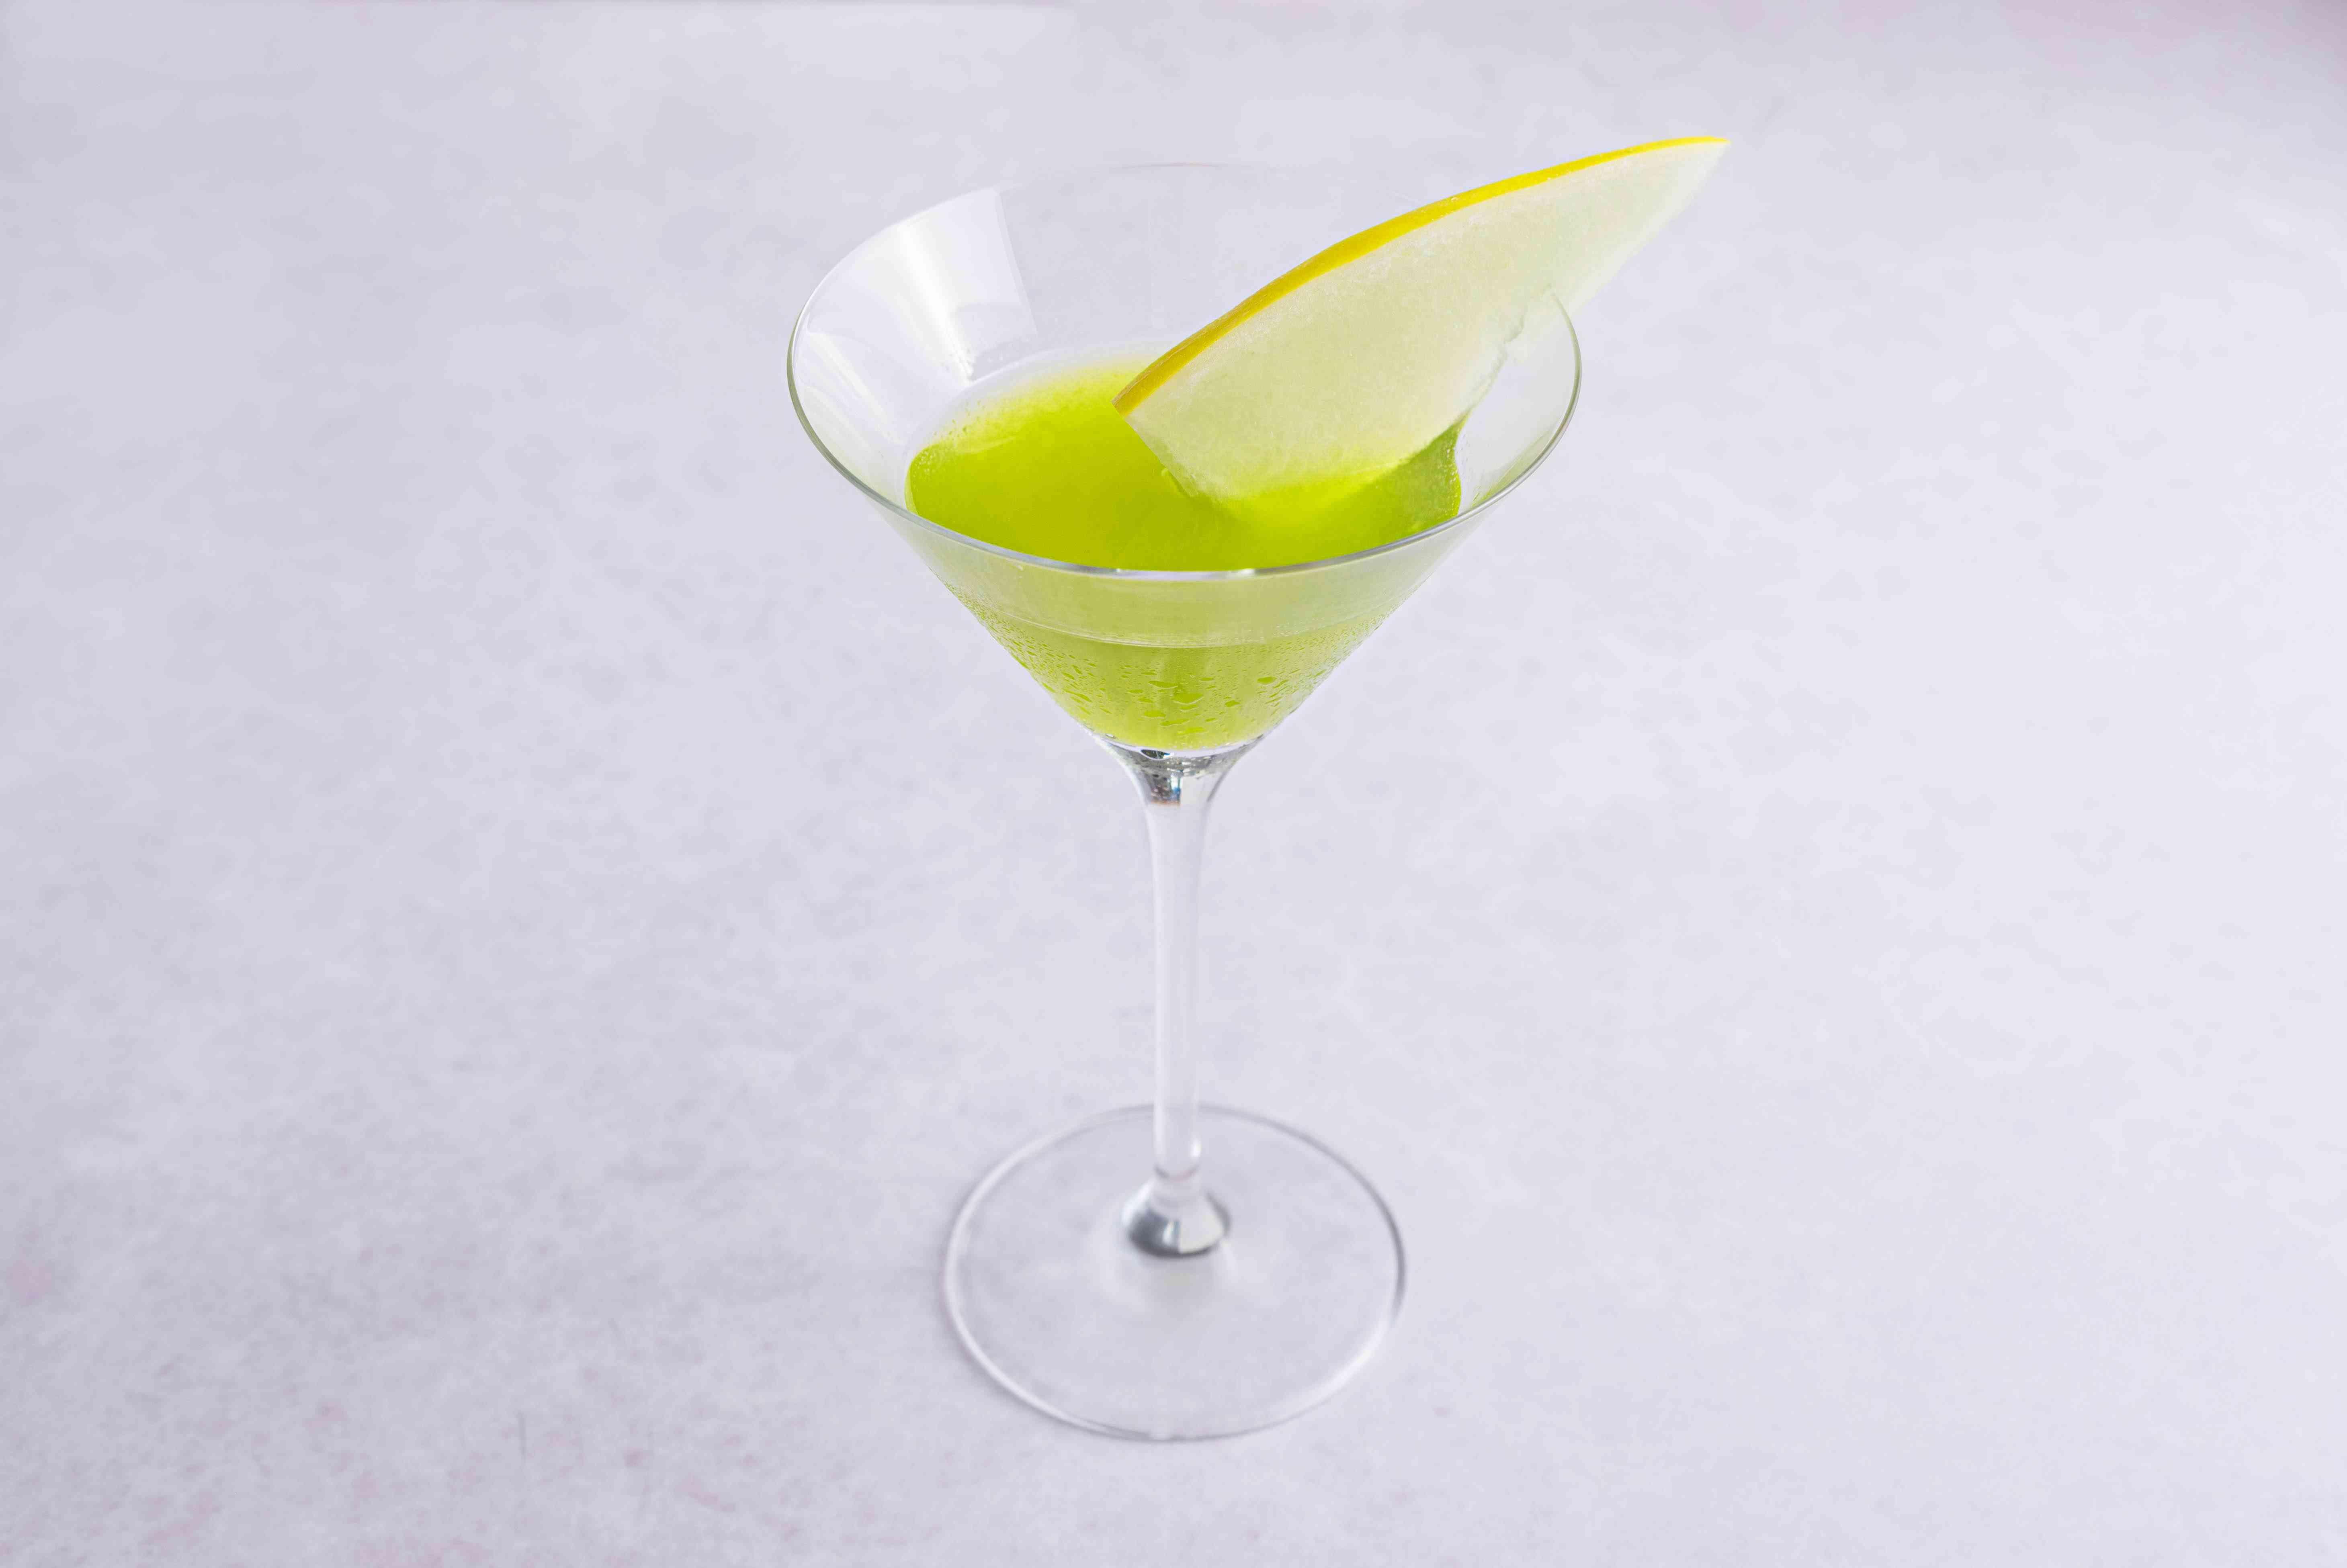 Japanese Slipper Cocktail with honeydew melon garnish